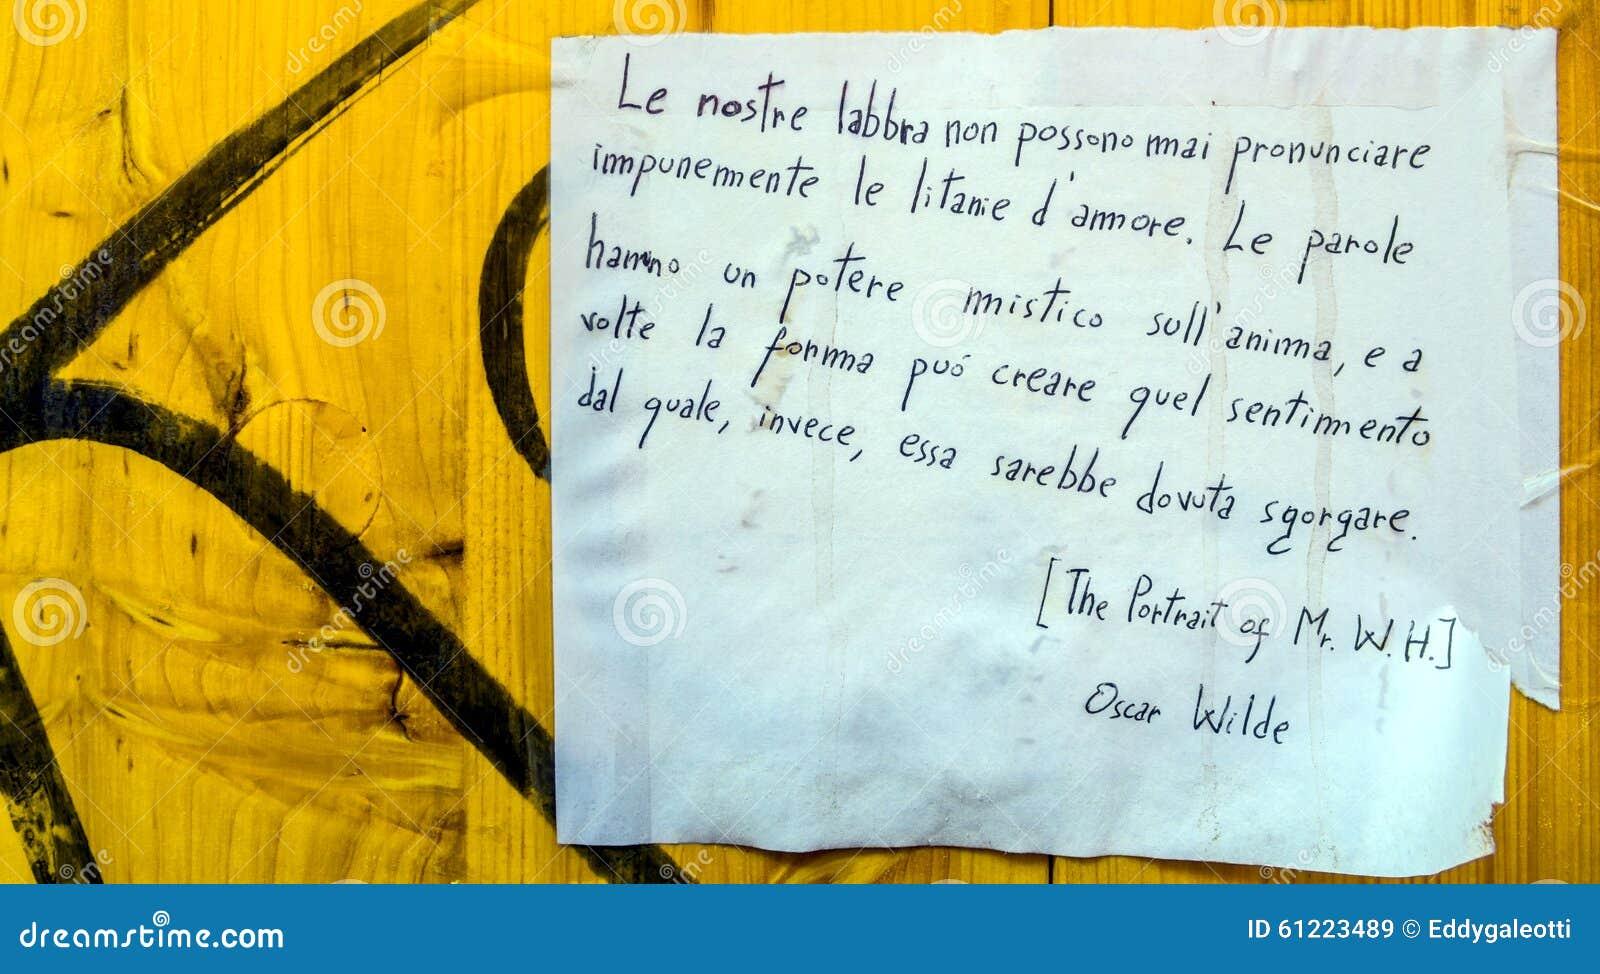 Citaten Uit Literatuur : Oscar wilde citaat op openbare muur redactionele stock afbeelding